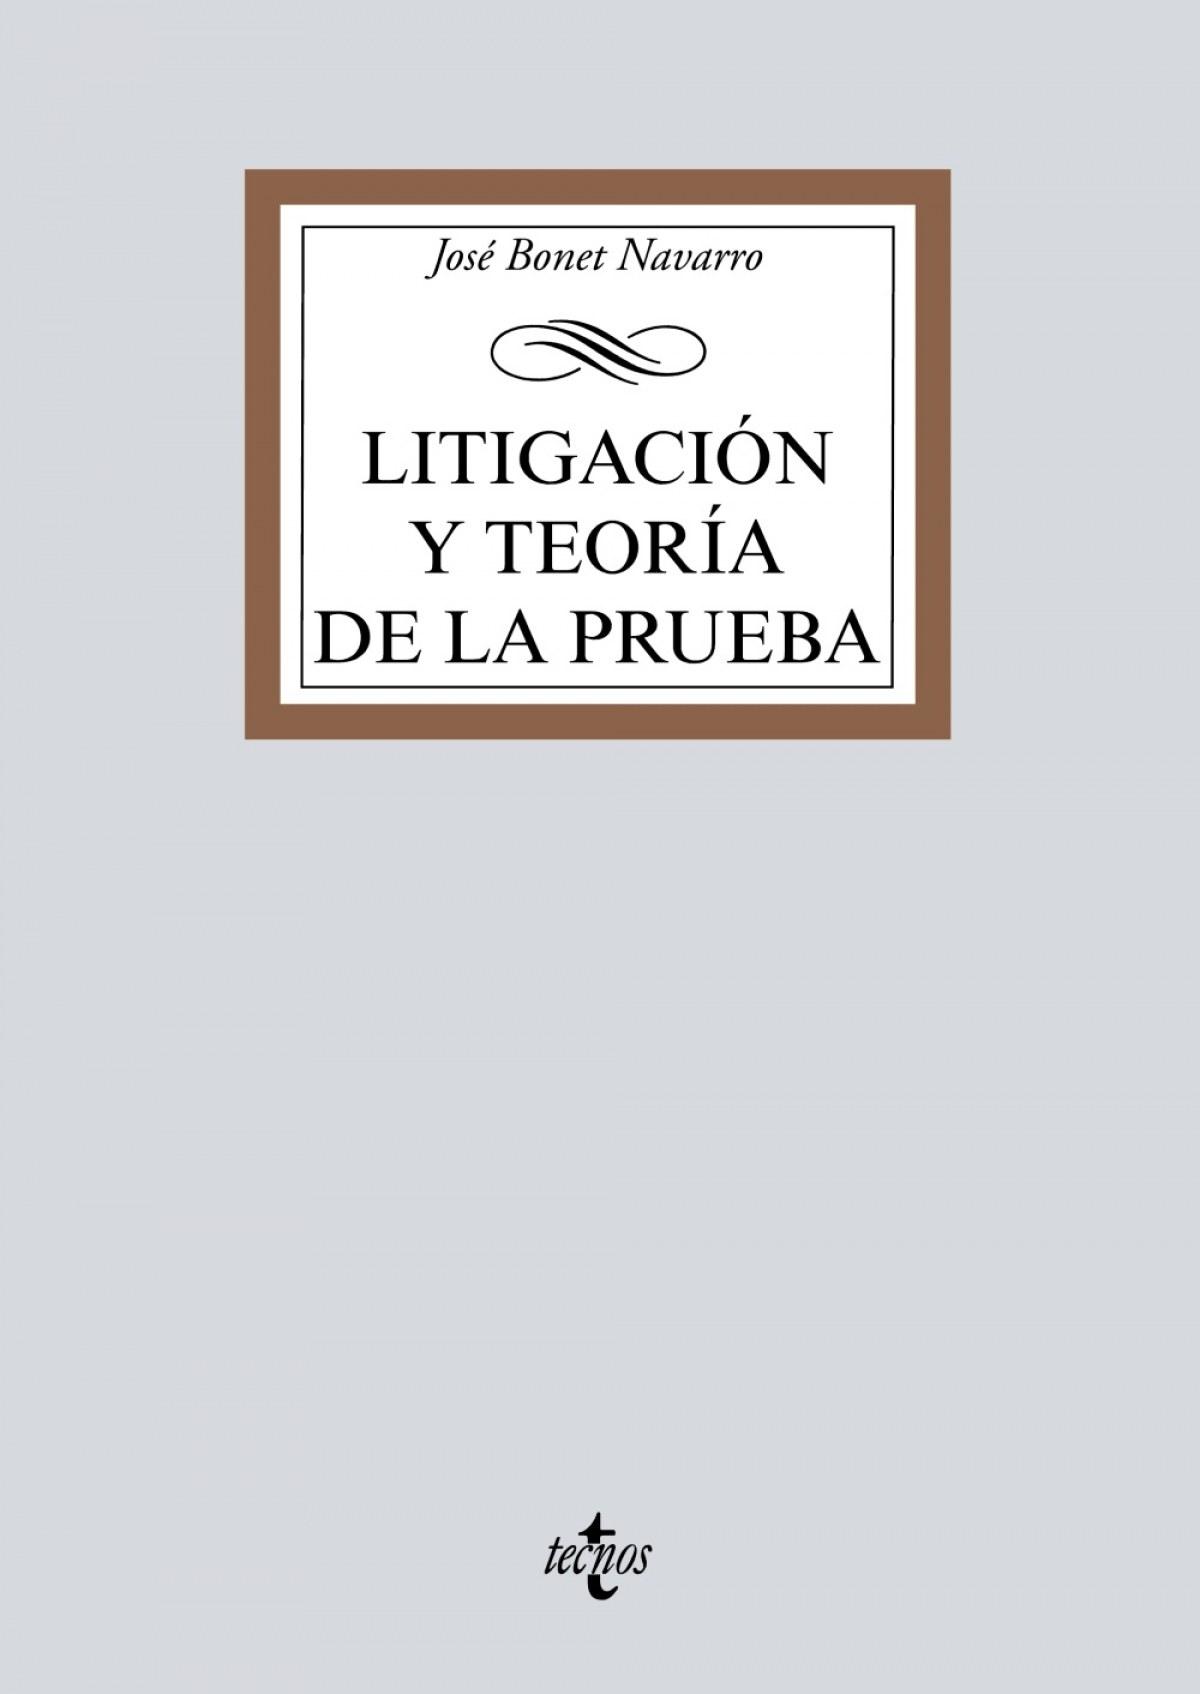 LITEGACIÓN Y TEORÍA DE LA PRUEBA